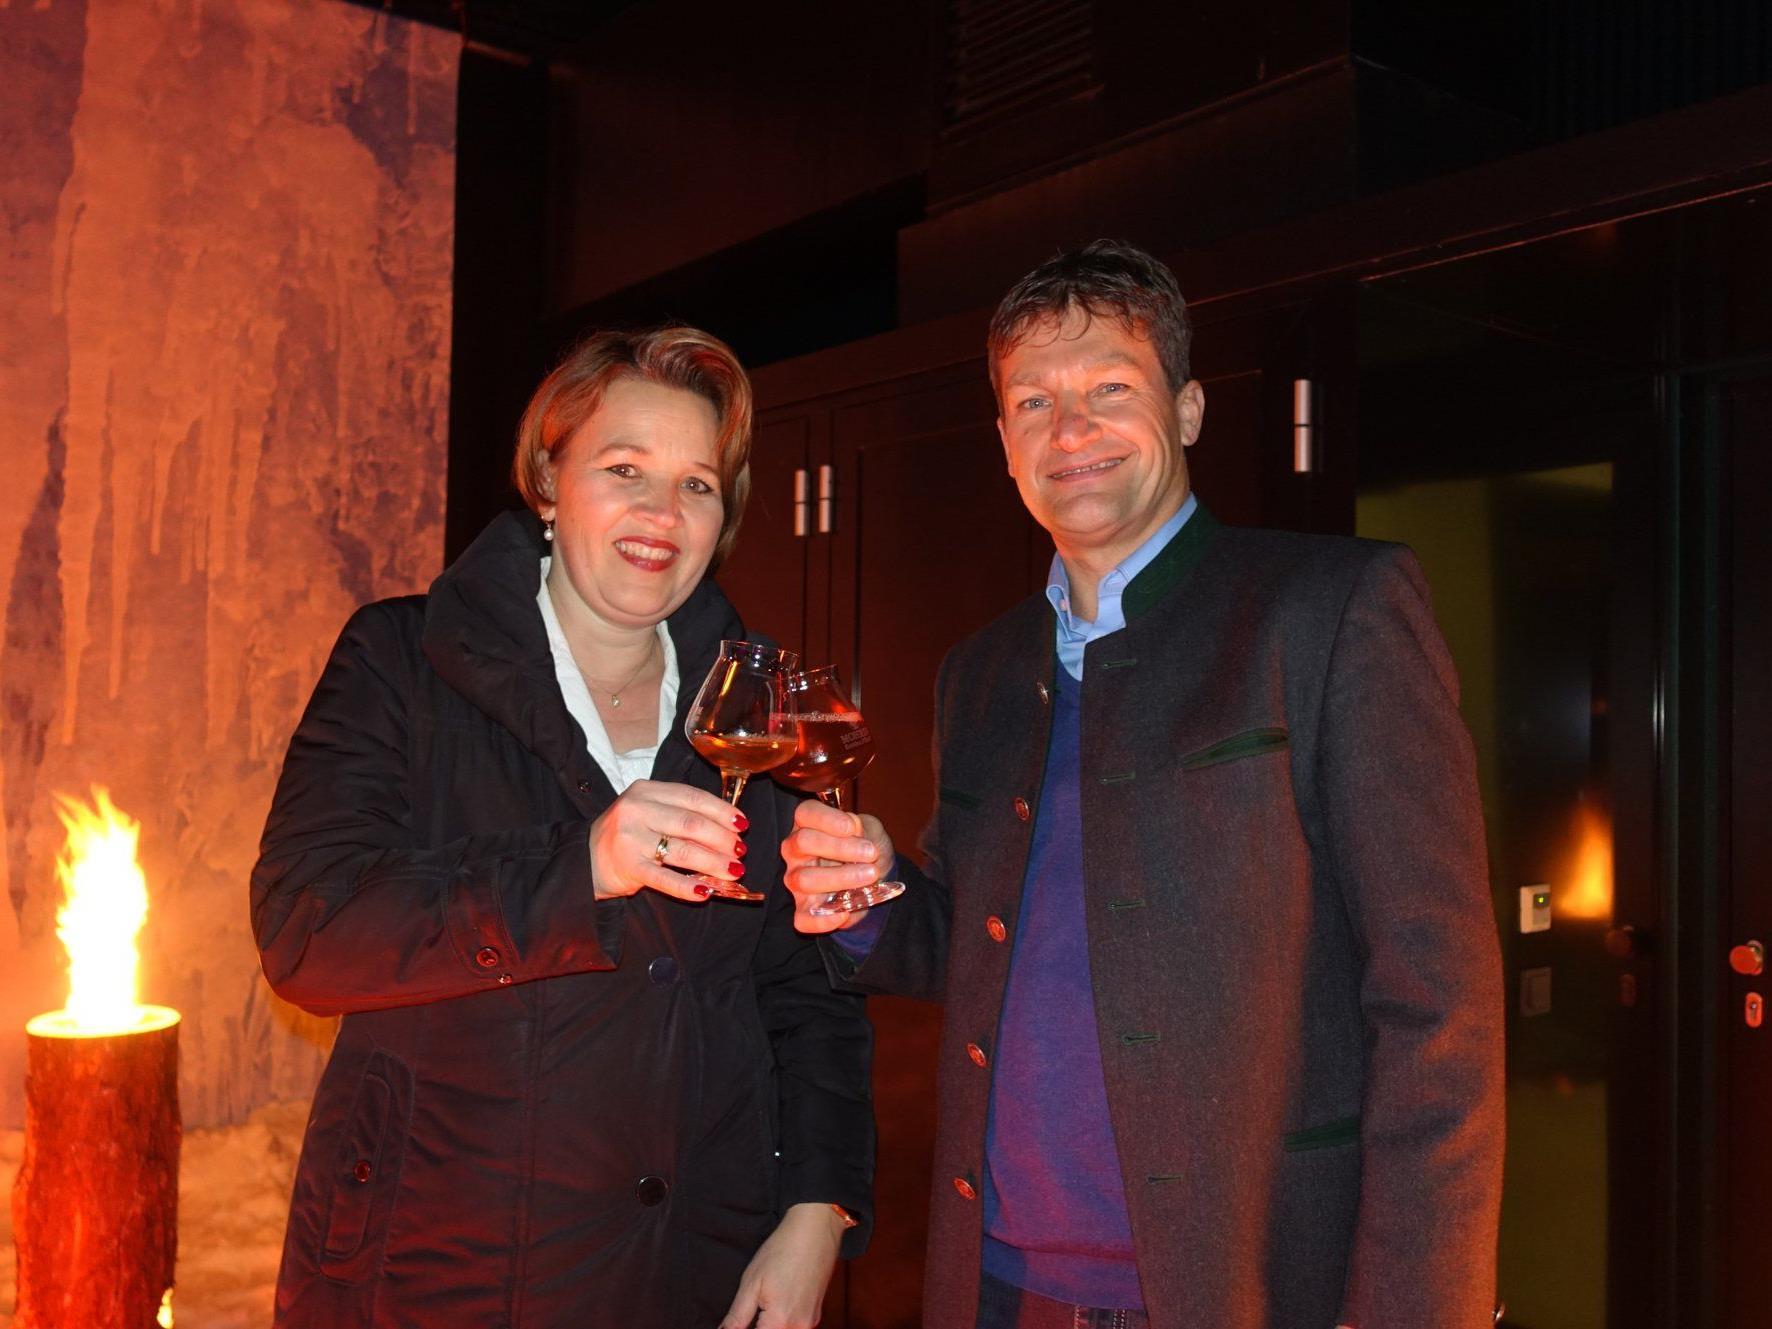 Die Dornbirner Bürgermeisterin Andrea Kaufmann nach dem Eisbock Anstich mit Mohren Geschäftsführer Heinz Huber.